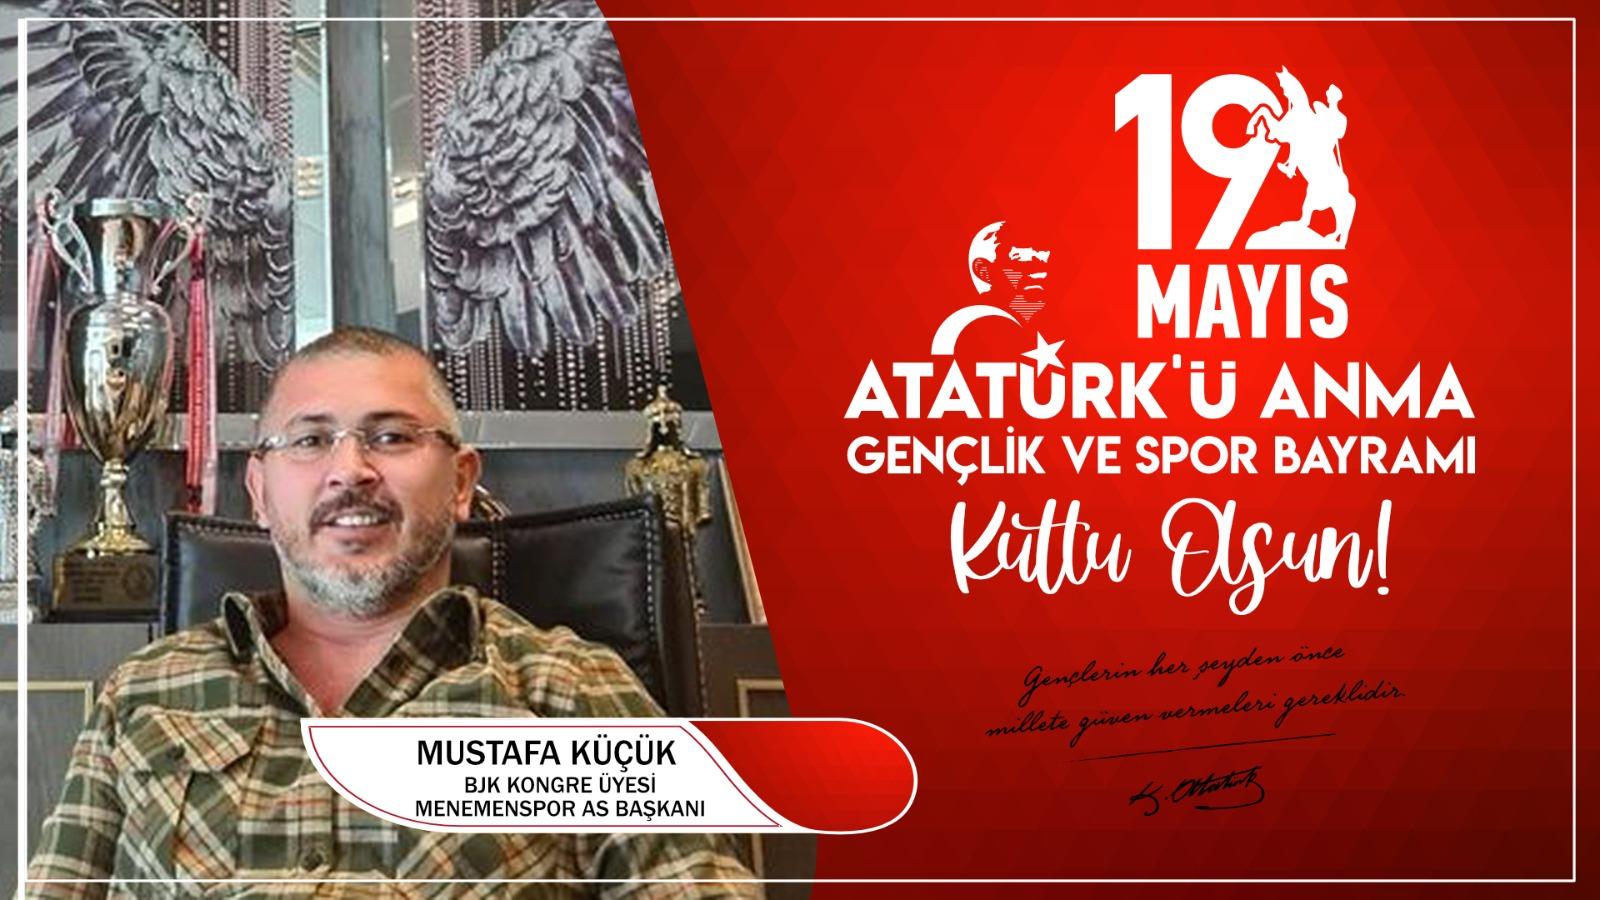 Mustafa Küçük'ten Kutlama Mesajı